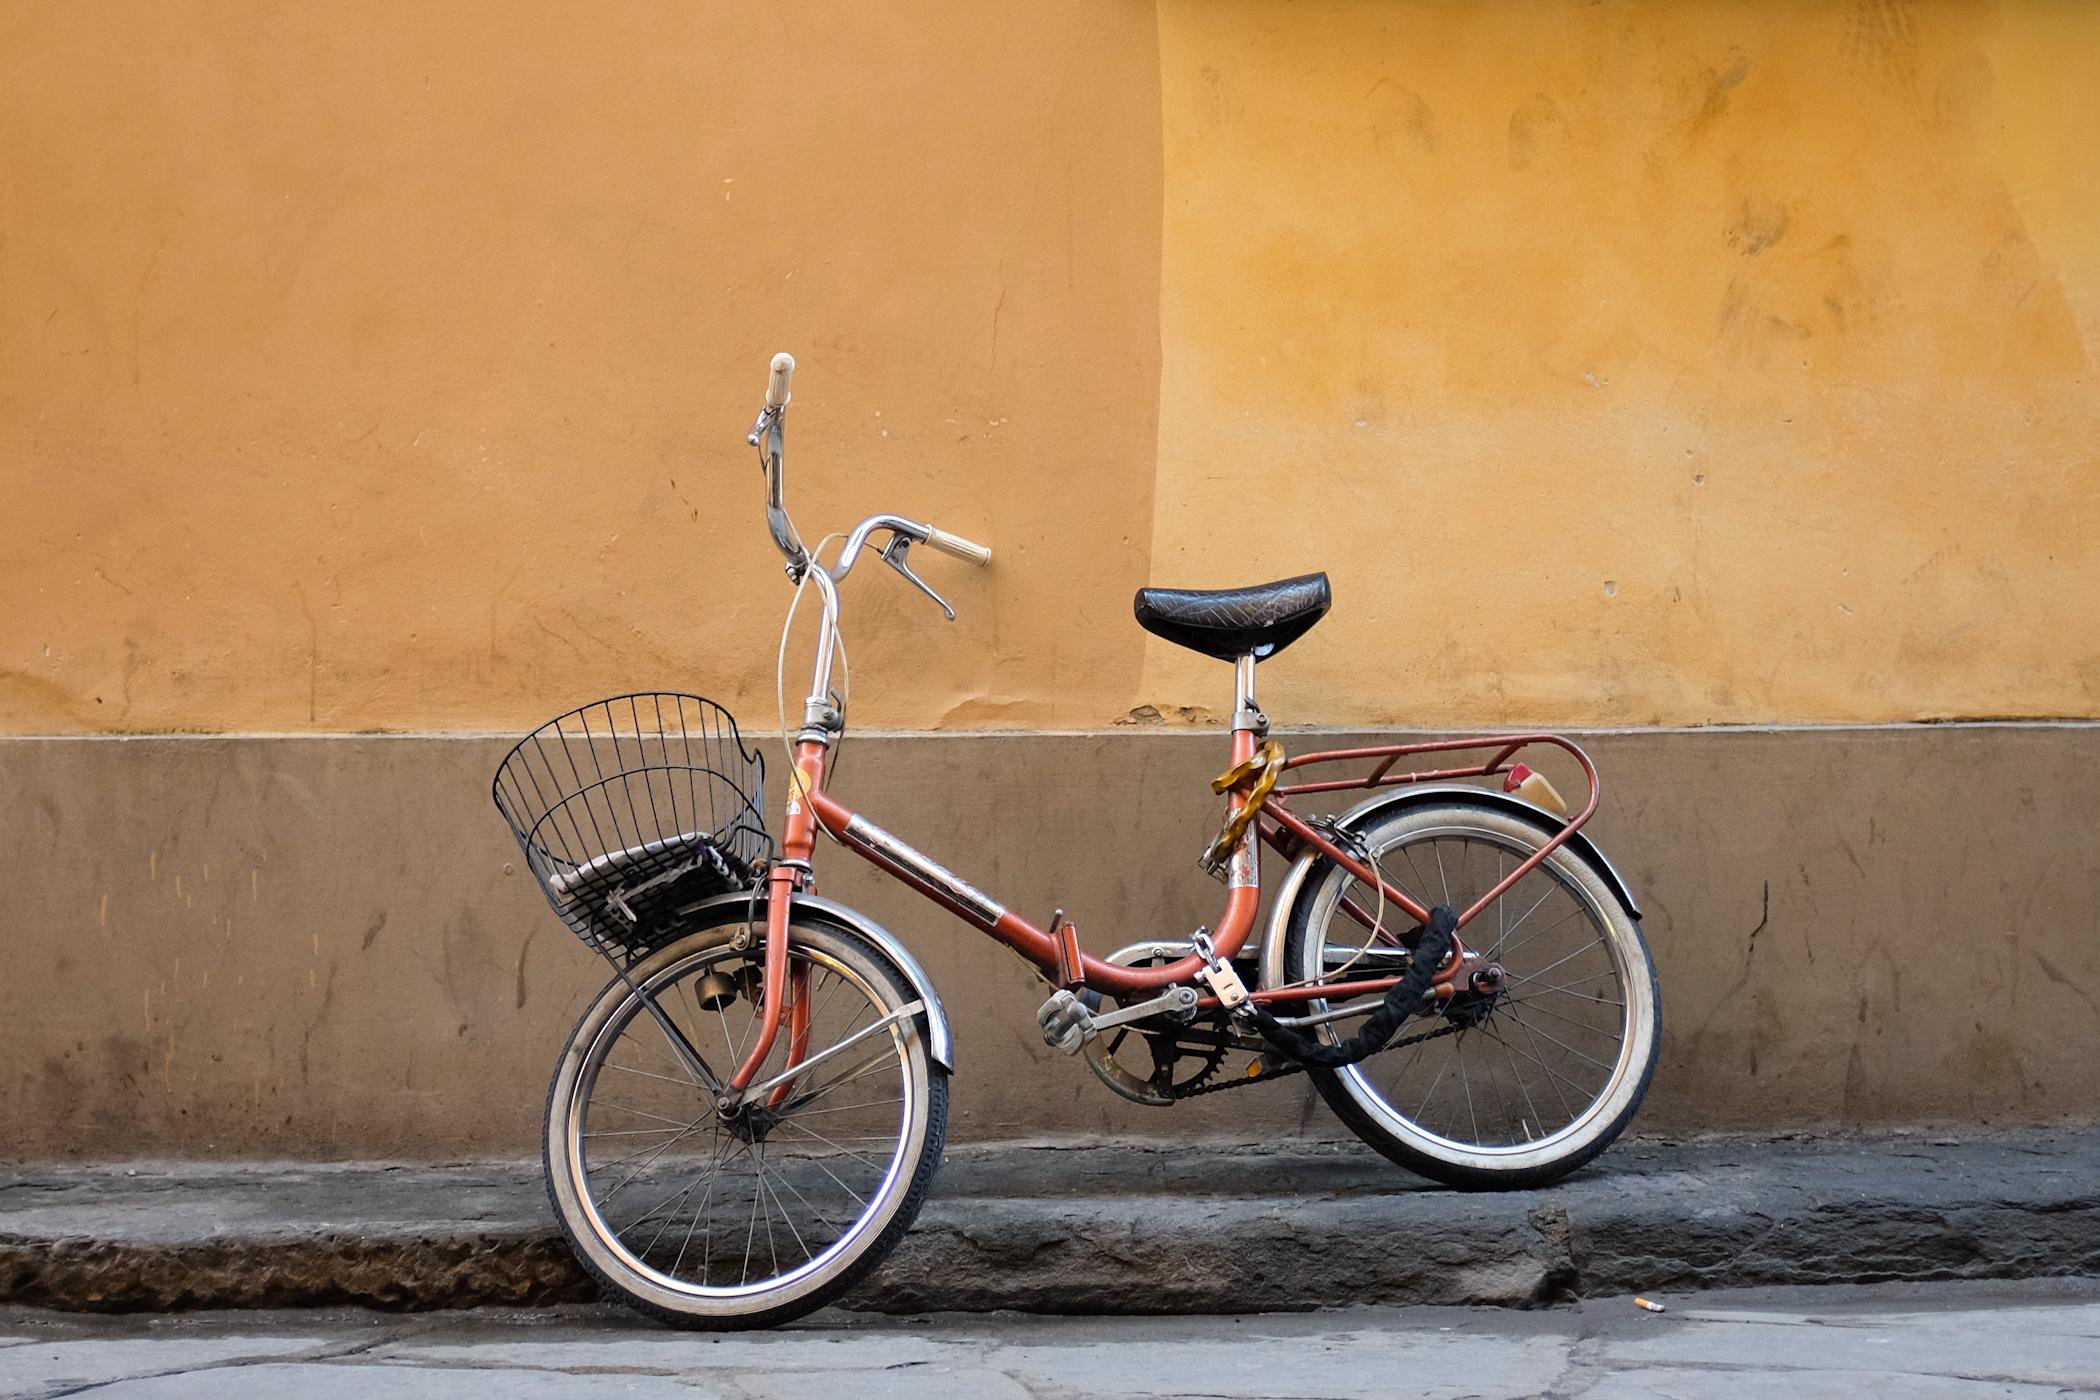 palermo bicicletti di firenze jan15-23.jpg